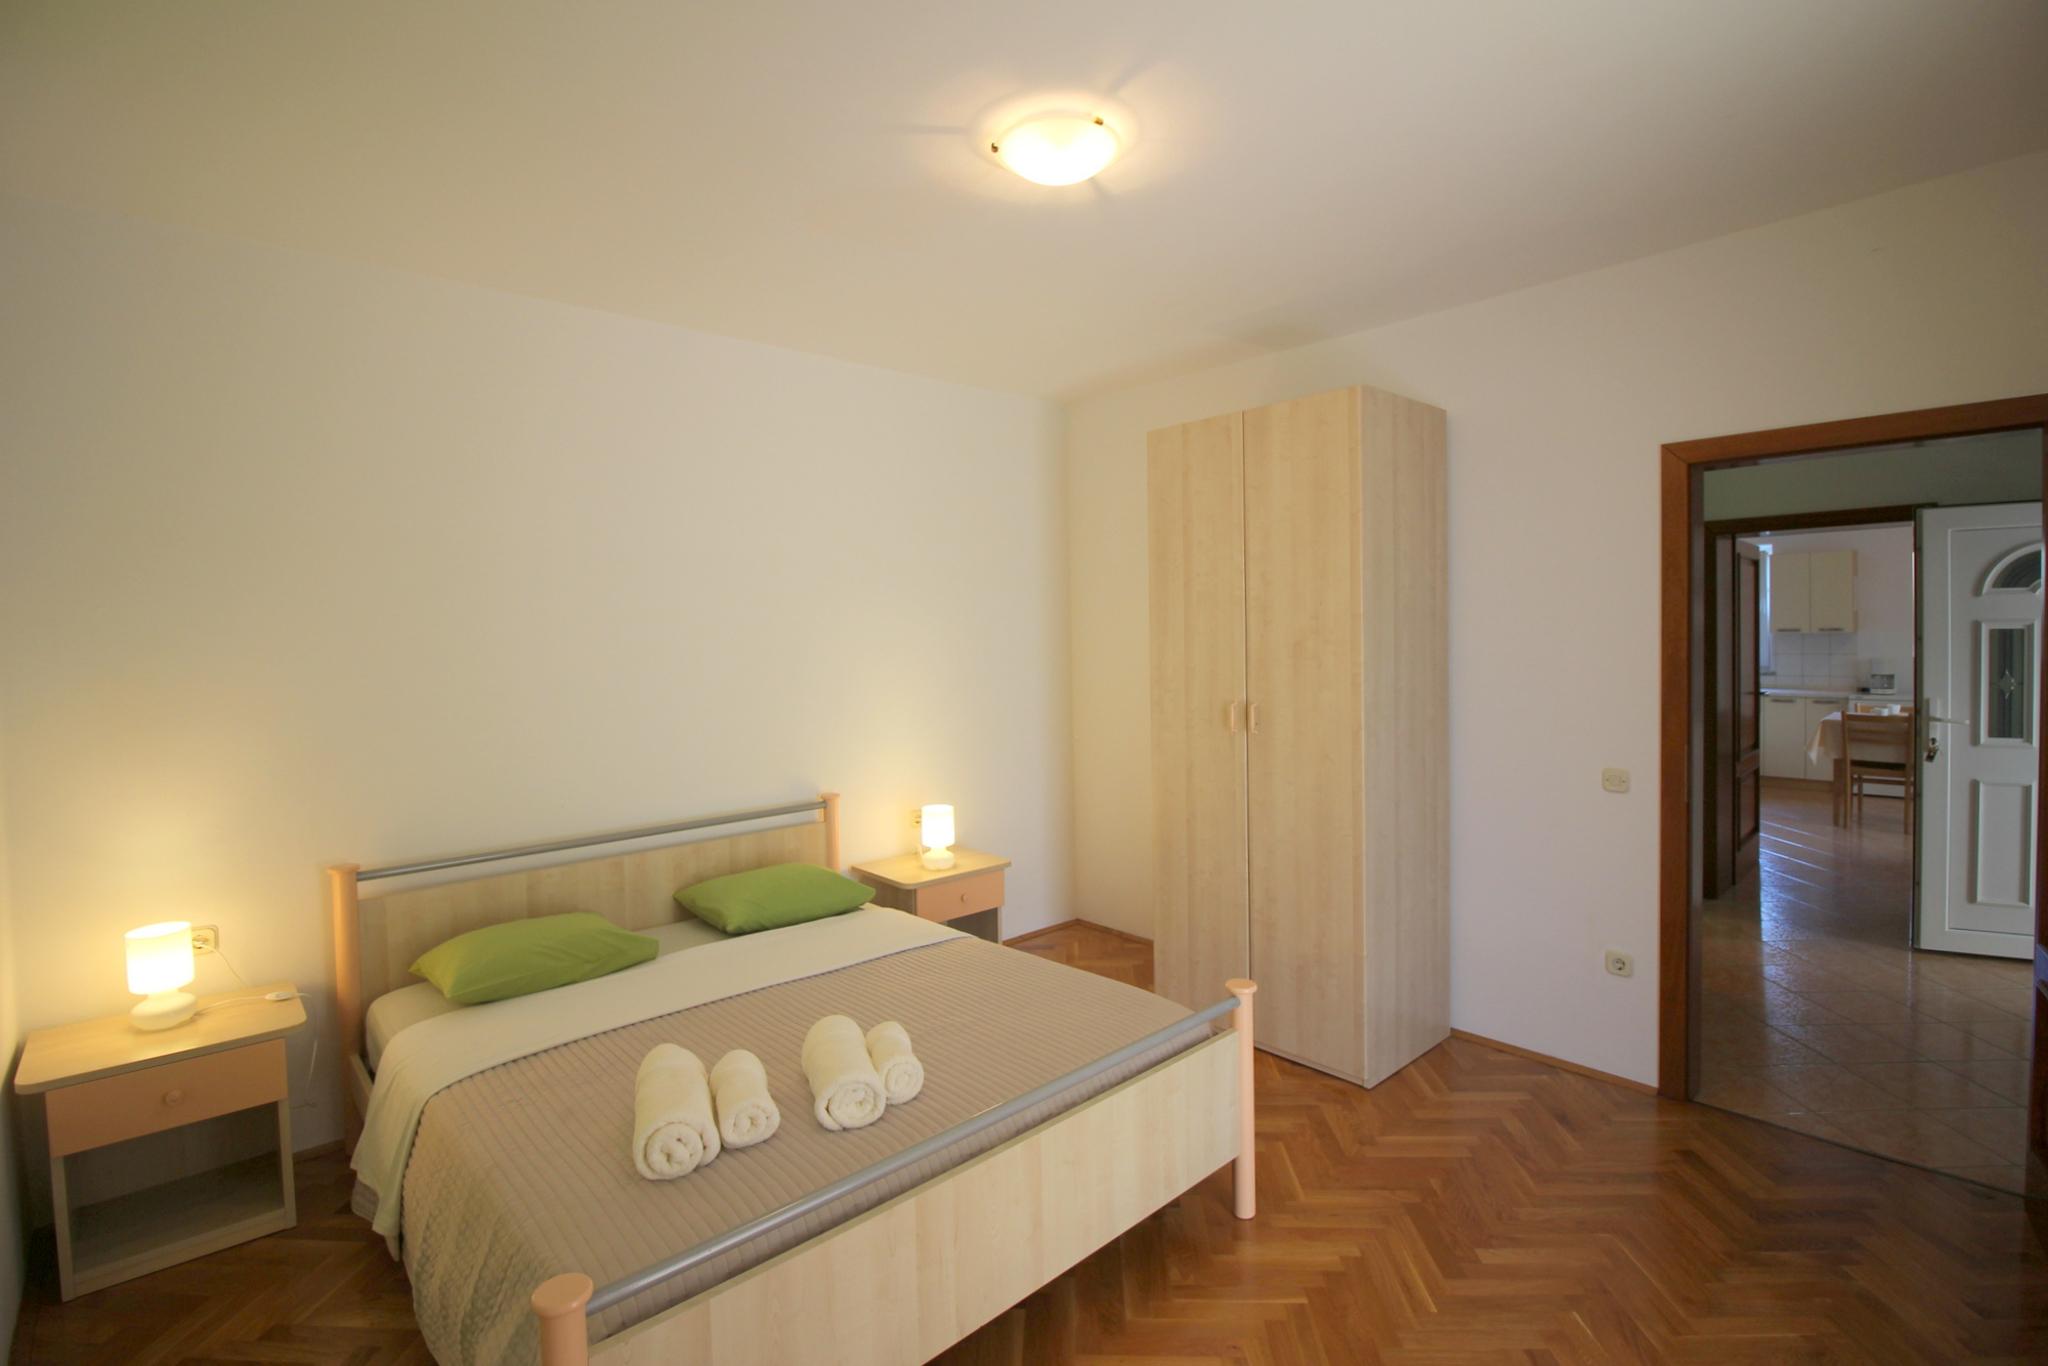 Ferienwohnung in ruhiger Lage (280275), Porec, , Istrien, Kroatien, Bild 16